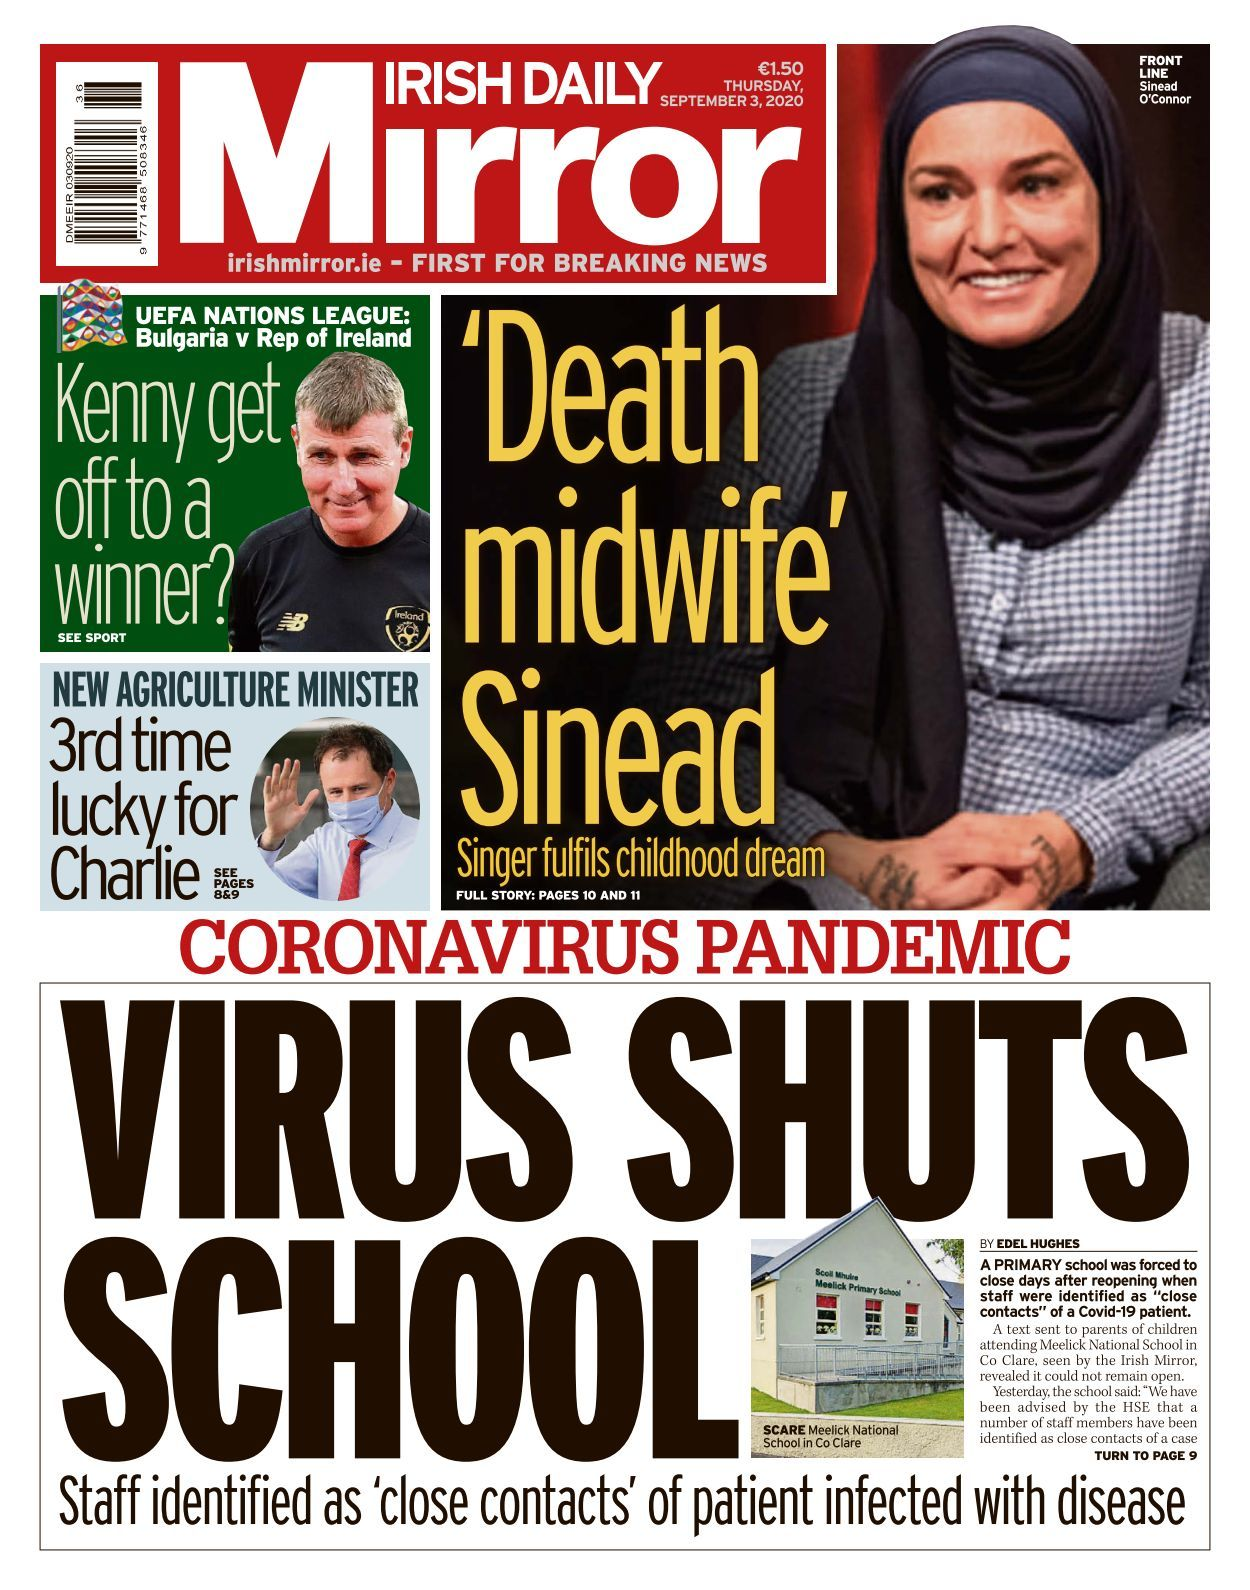 Irish Daily Mirror   10 10 10